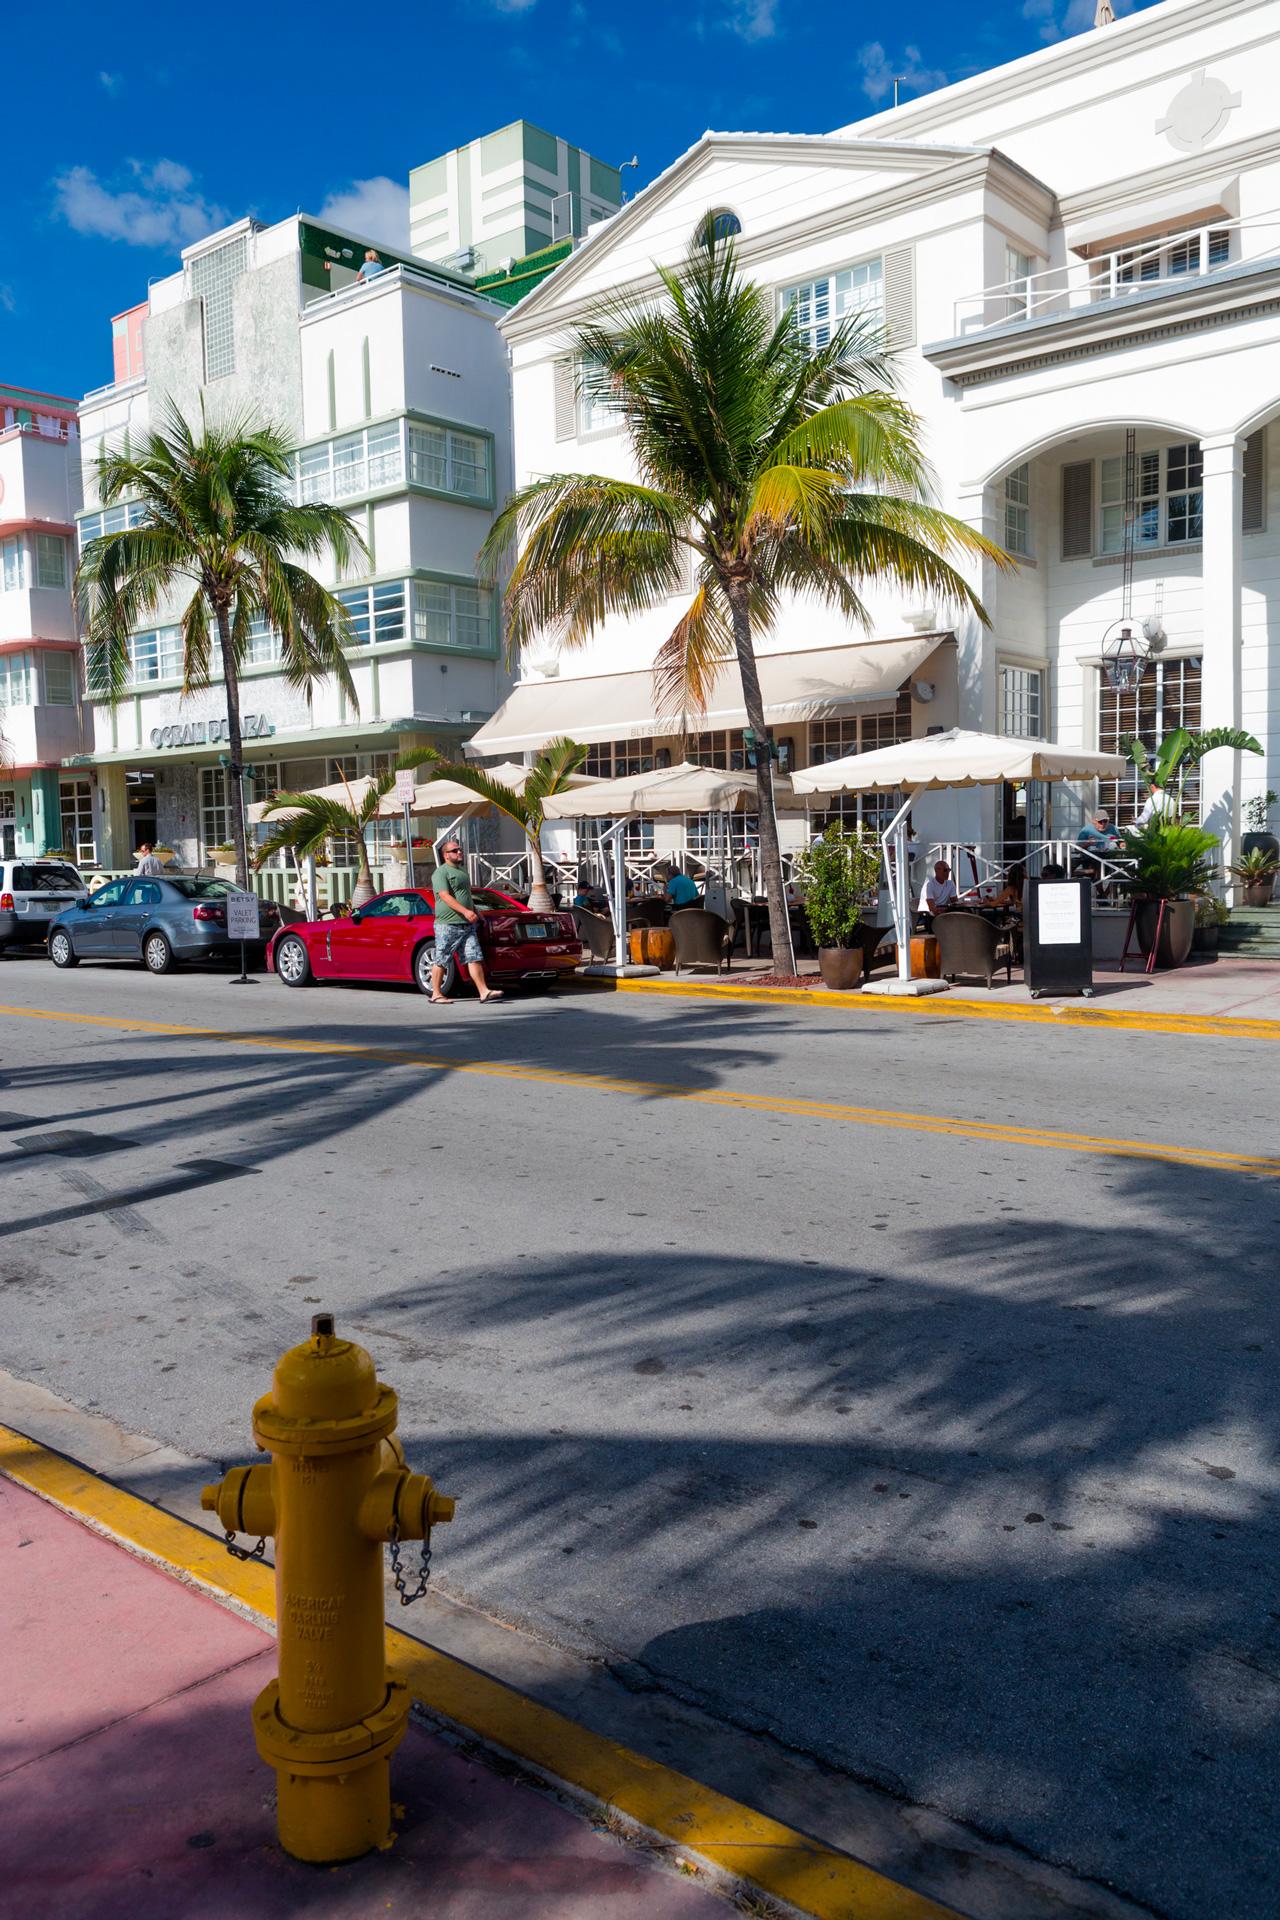 Florida (USA) streets